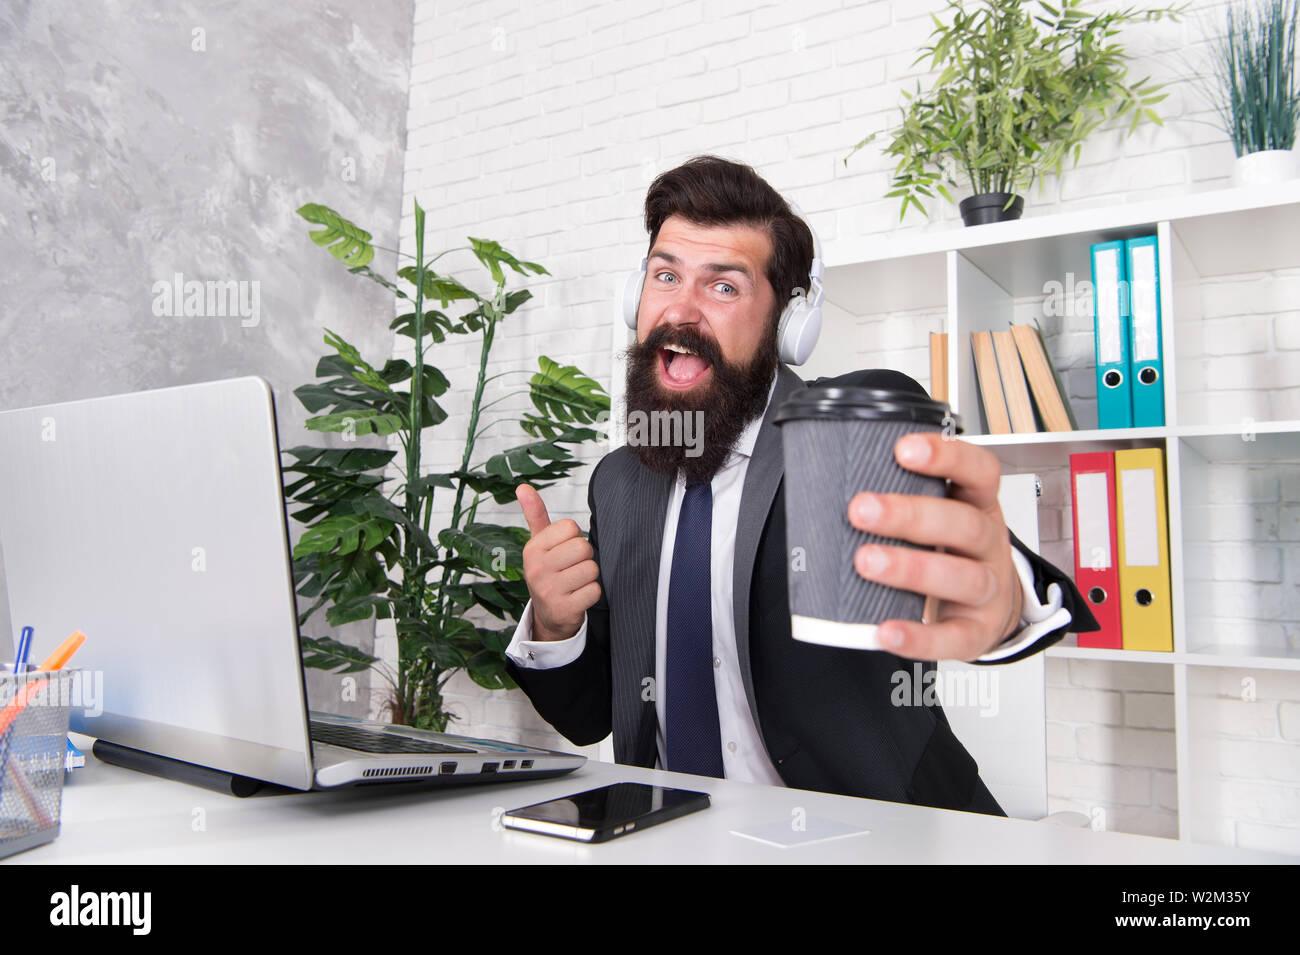 Divertirse Cantando Hobby El Hombre Trabajador De Oficina